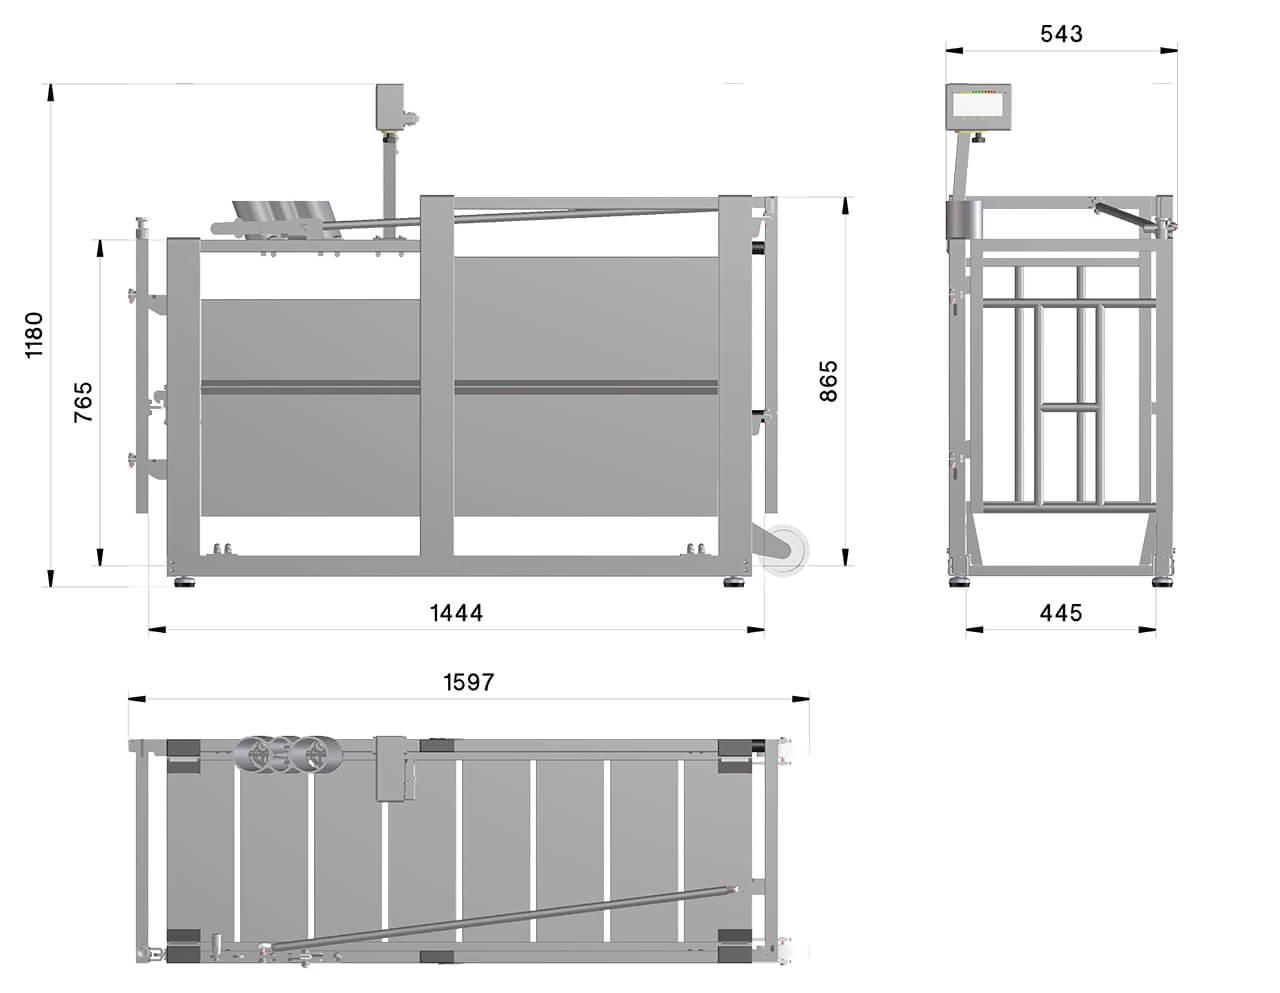 Schweinewaage-aus-Aluminium-Zeichnung